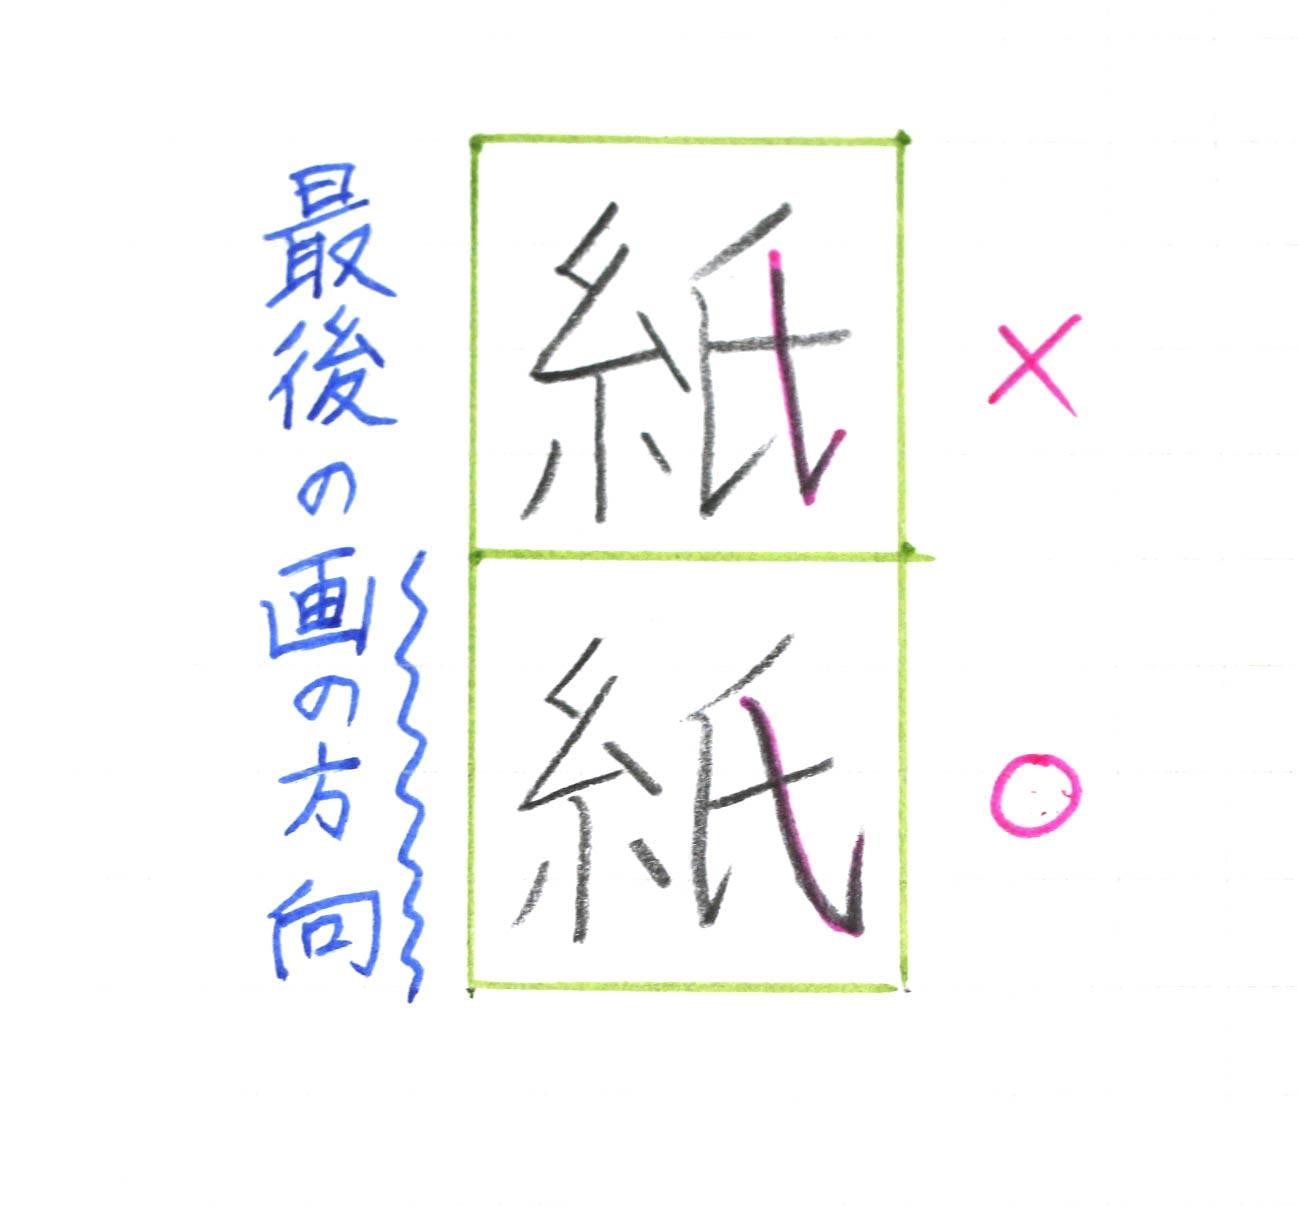 美文字のポイント「画の長さ」「画の方向」「バランス」